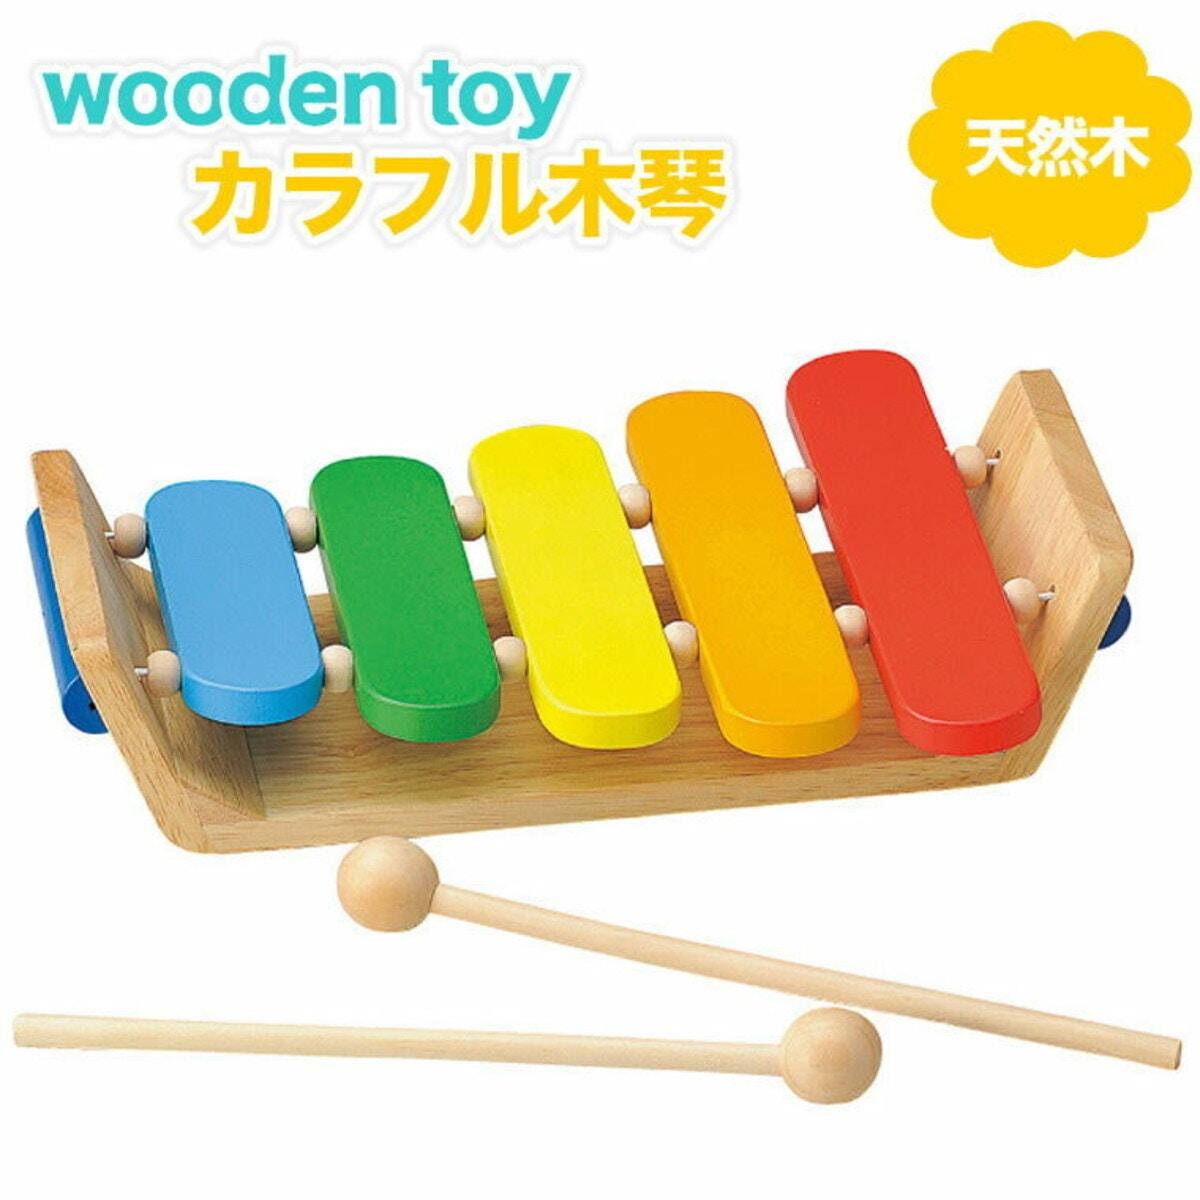 wood toy カラフル木琴